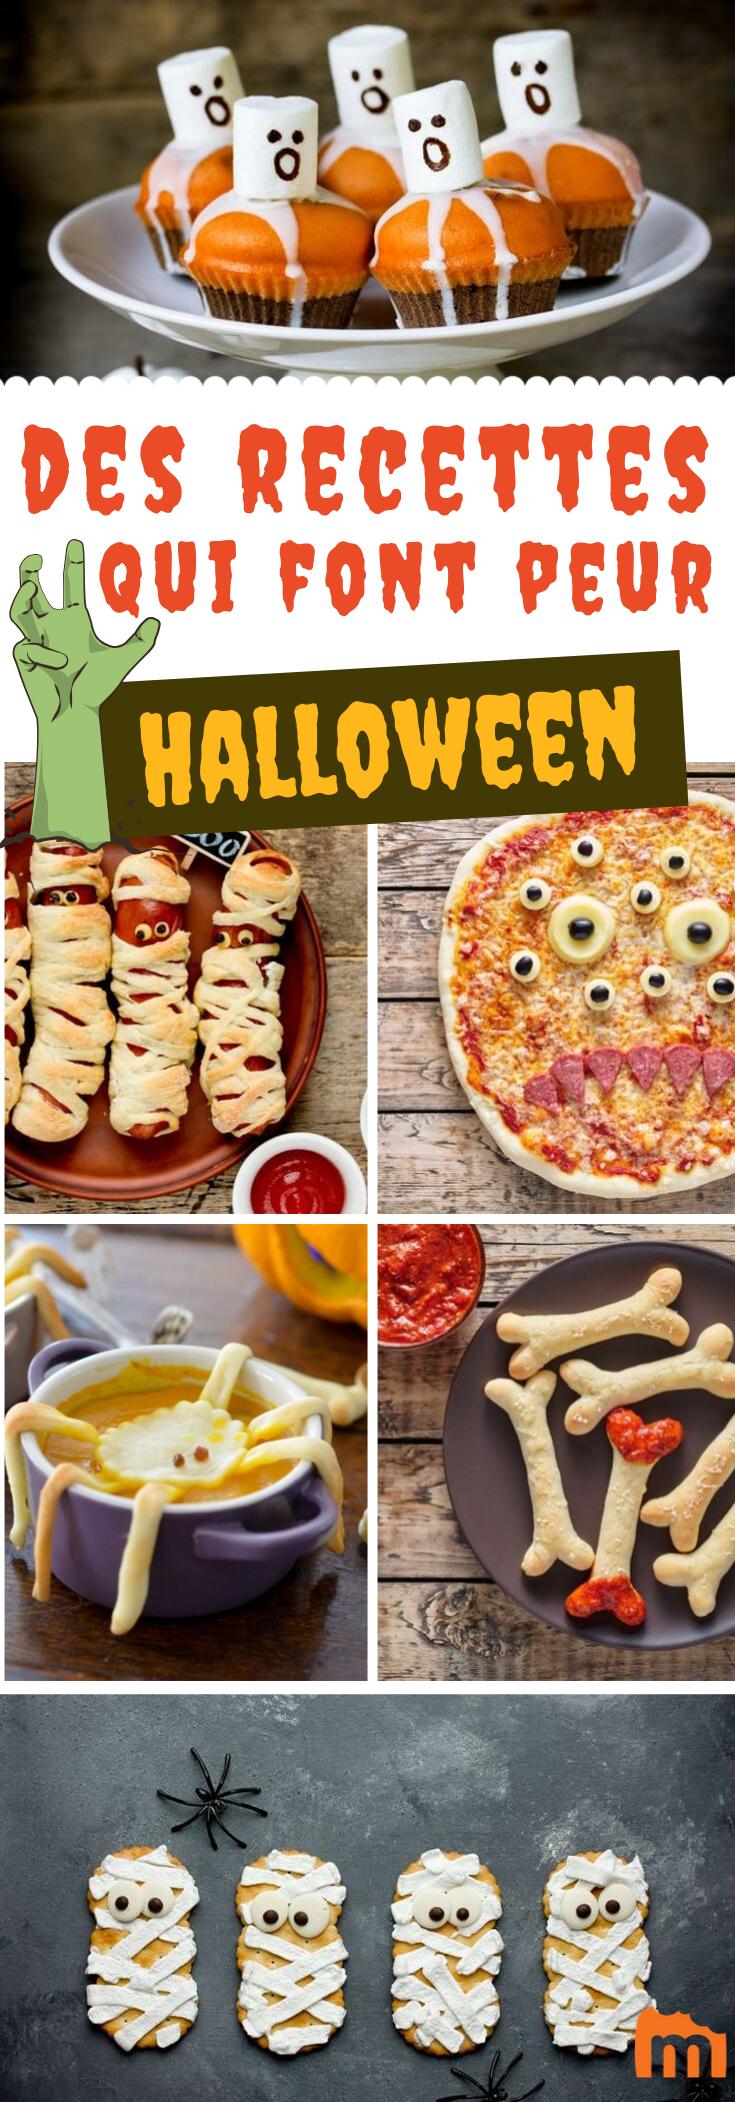 Idée Repas Entre Amis Marmiton Halloween, 32 idées pour flipper rien qu'en regardant son assiette